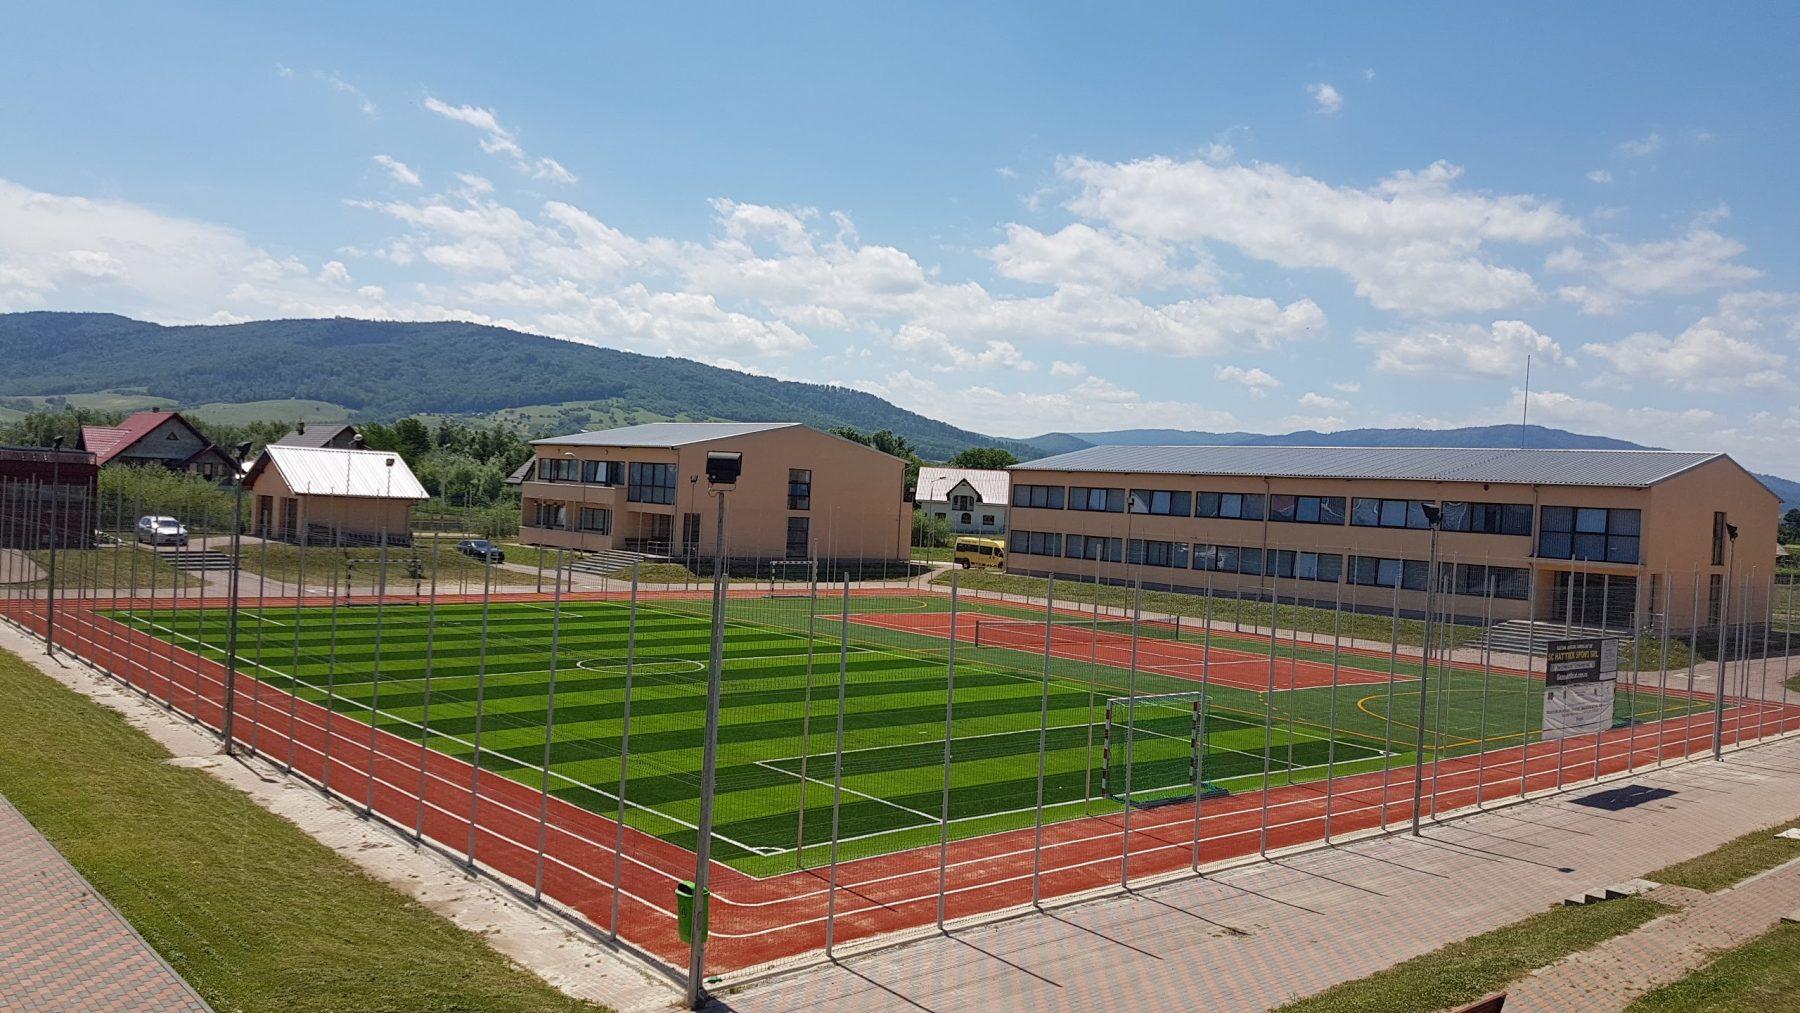 Terenuri sport Vicov, jud Suceava